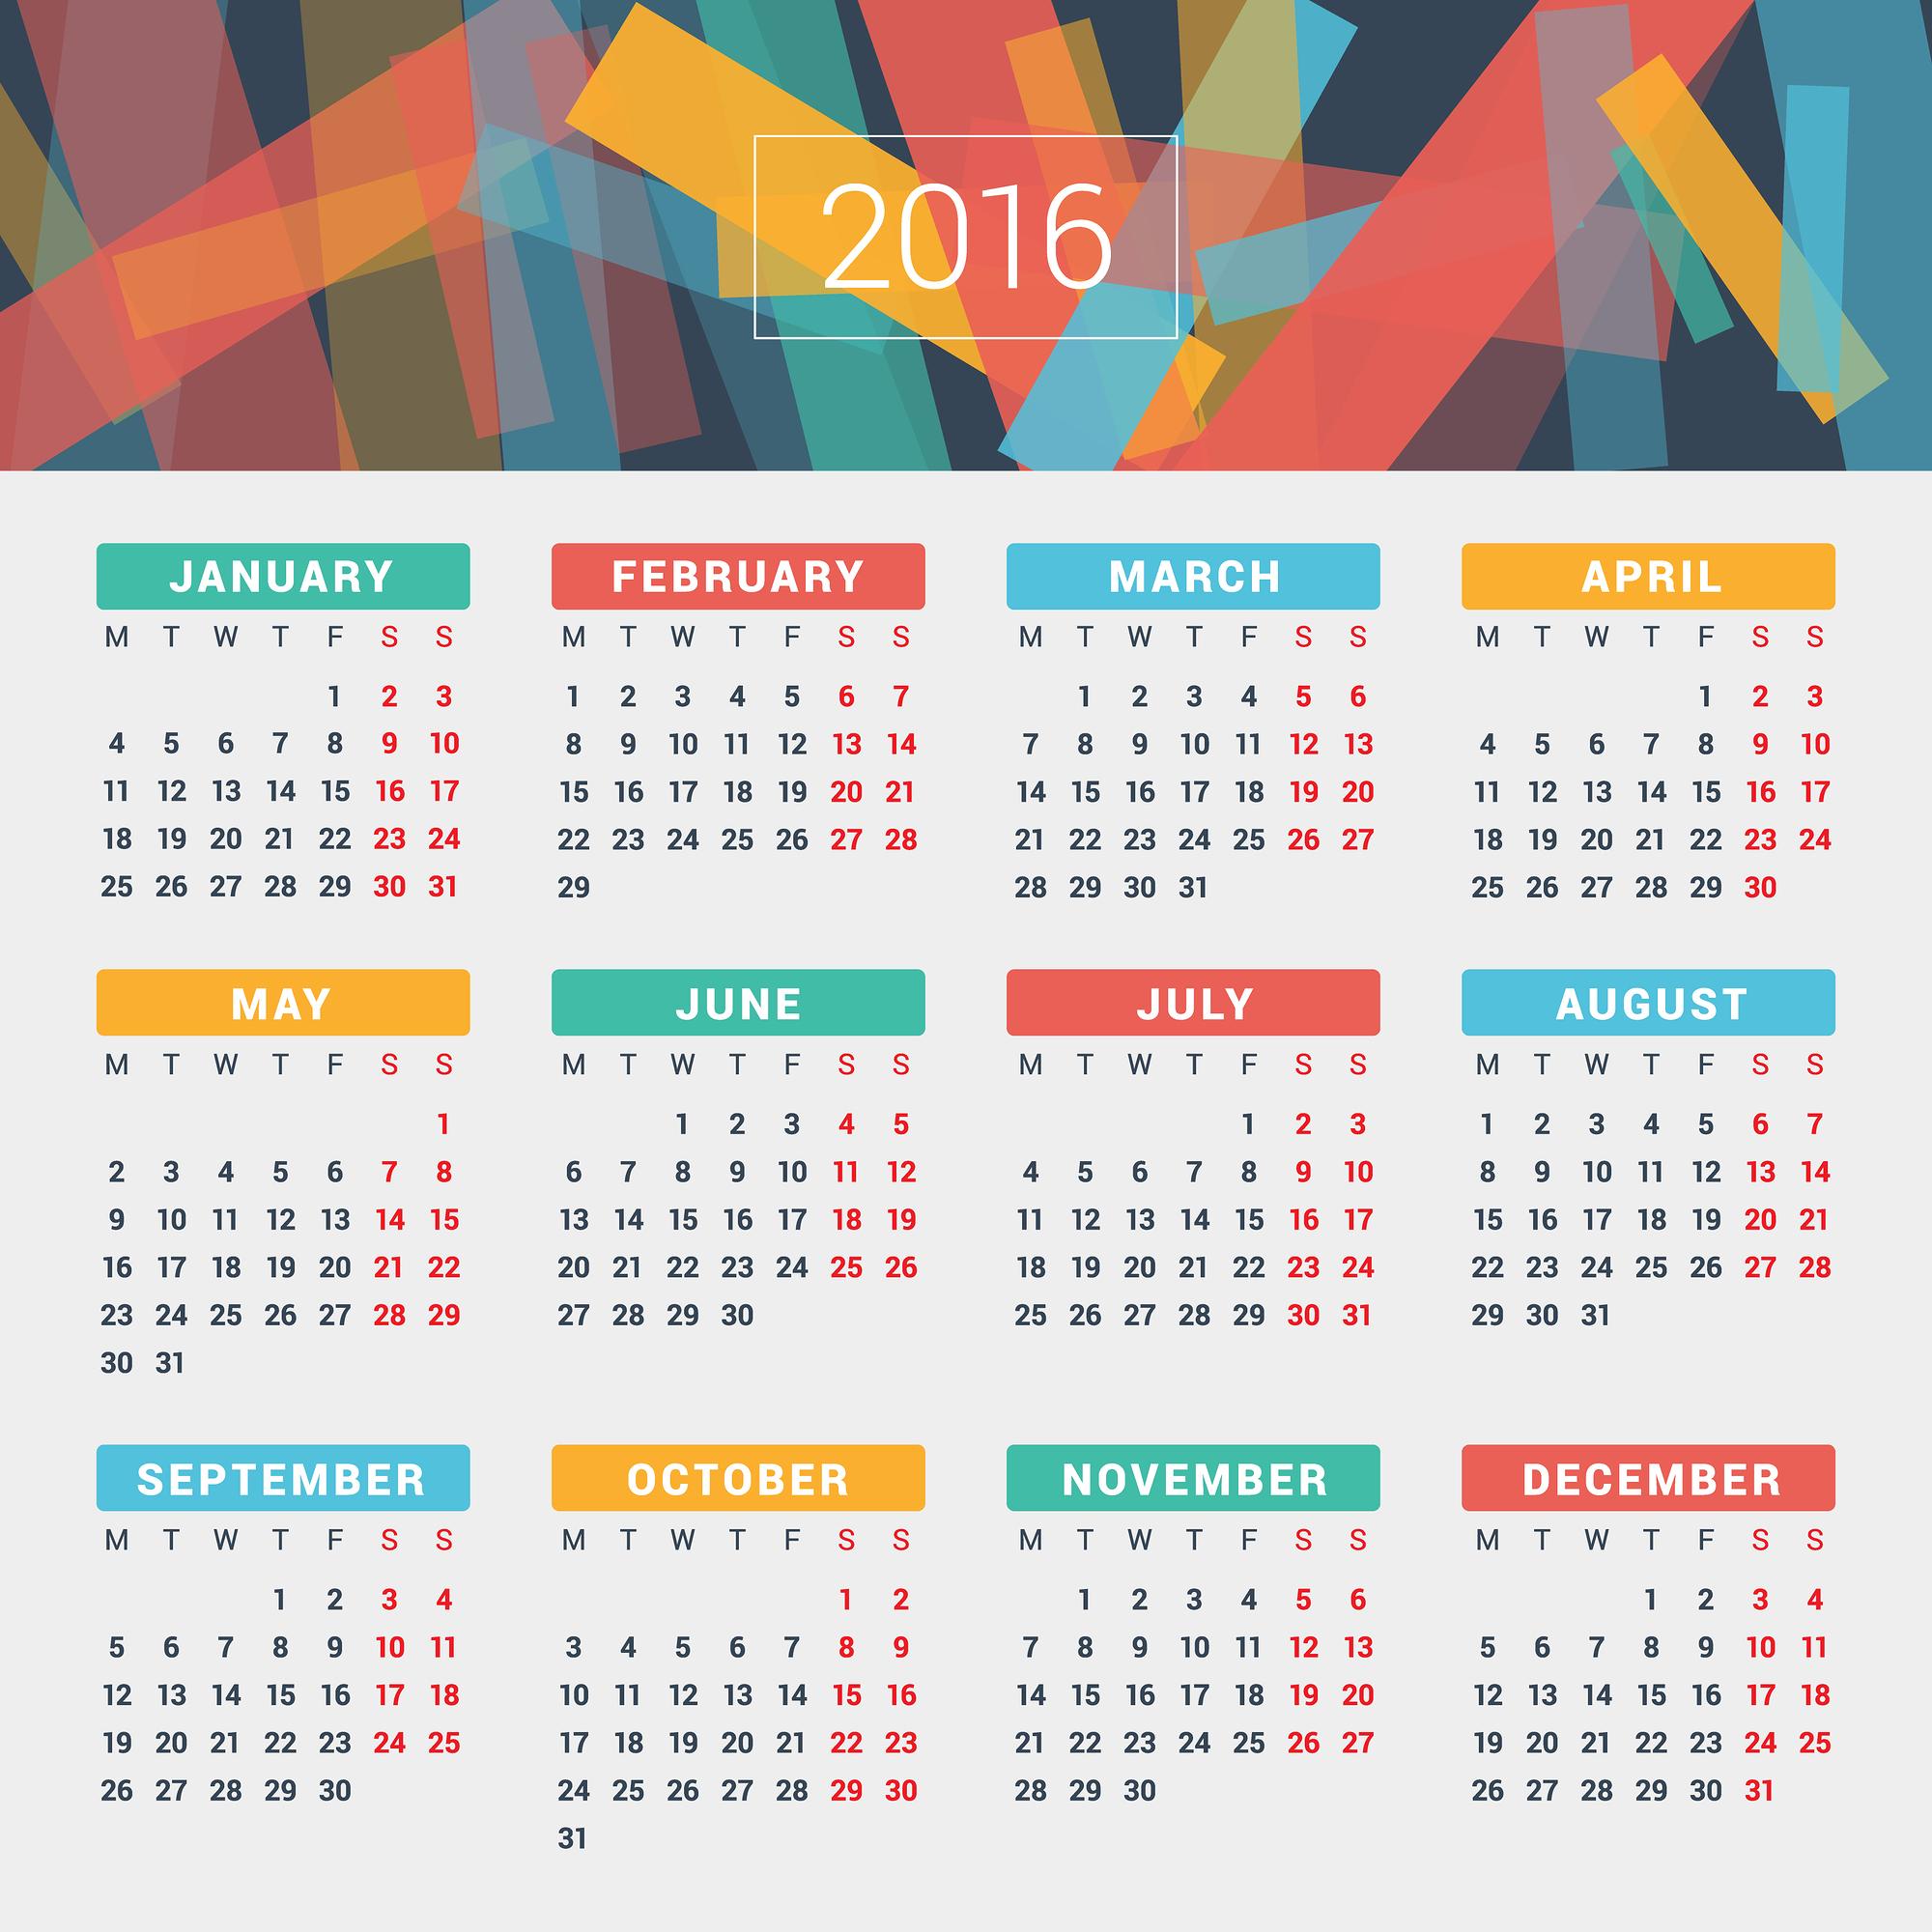 2016 Year Calendar Wallpaper Download 2016 Calendar by Month 2000x2000